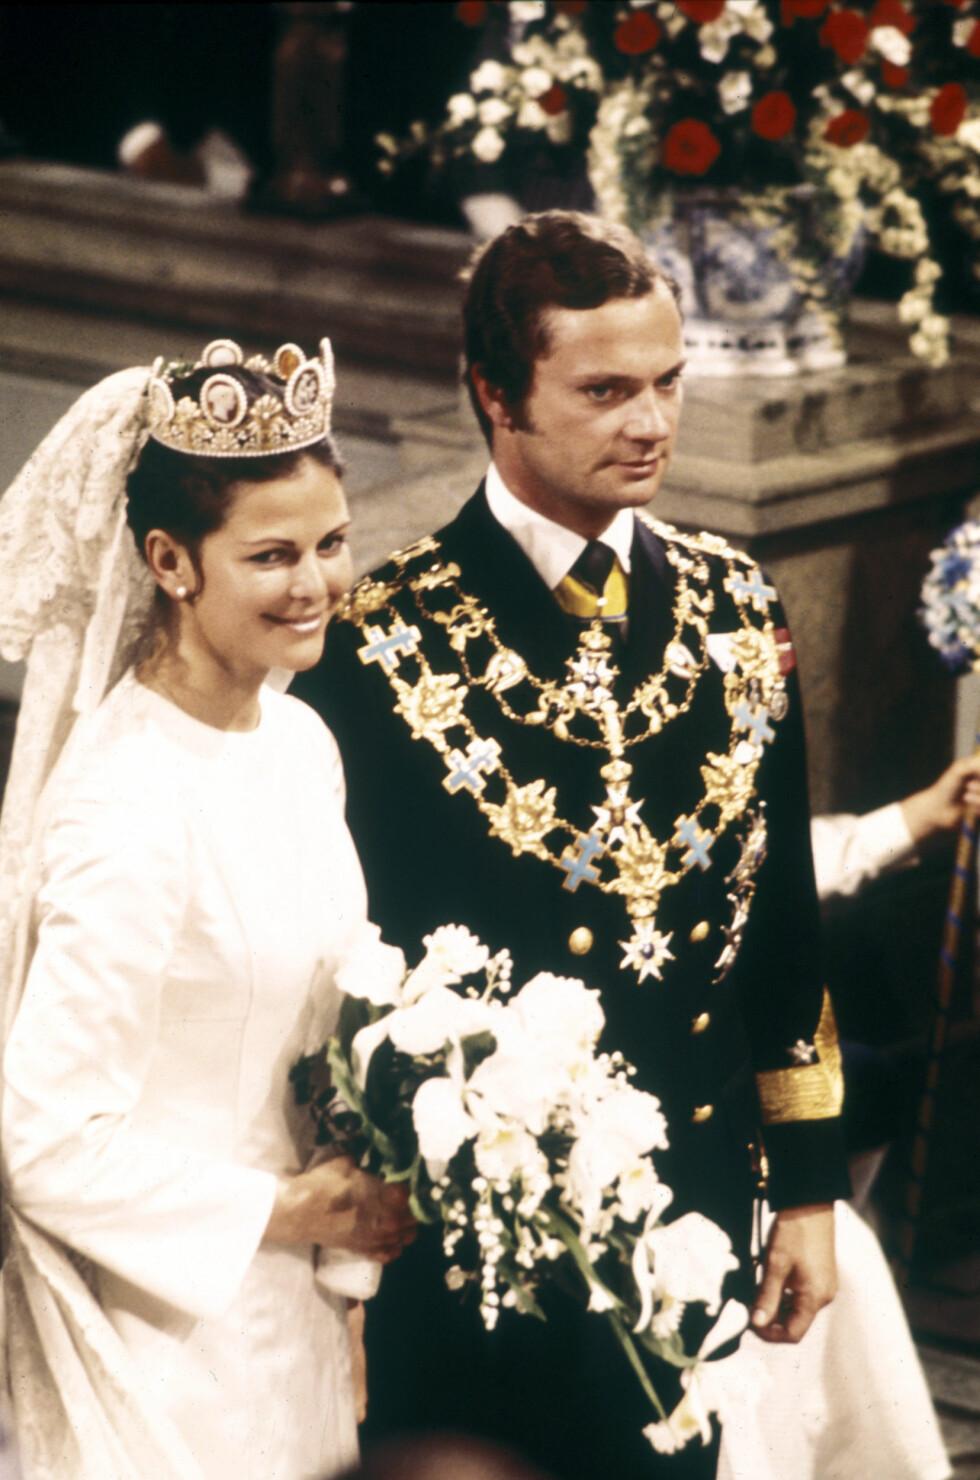 KJEKK BRUDGOM: Prins Carl Philip har arvet de mørke lokkene til pappa Carl Gustaf, som her er avbildet på bryllupsdagen med Silvia i 1976.  Foto: TT NYHETSBYRÅN